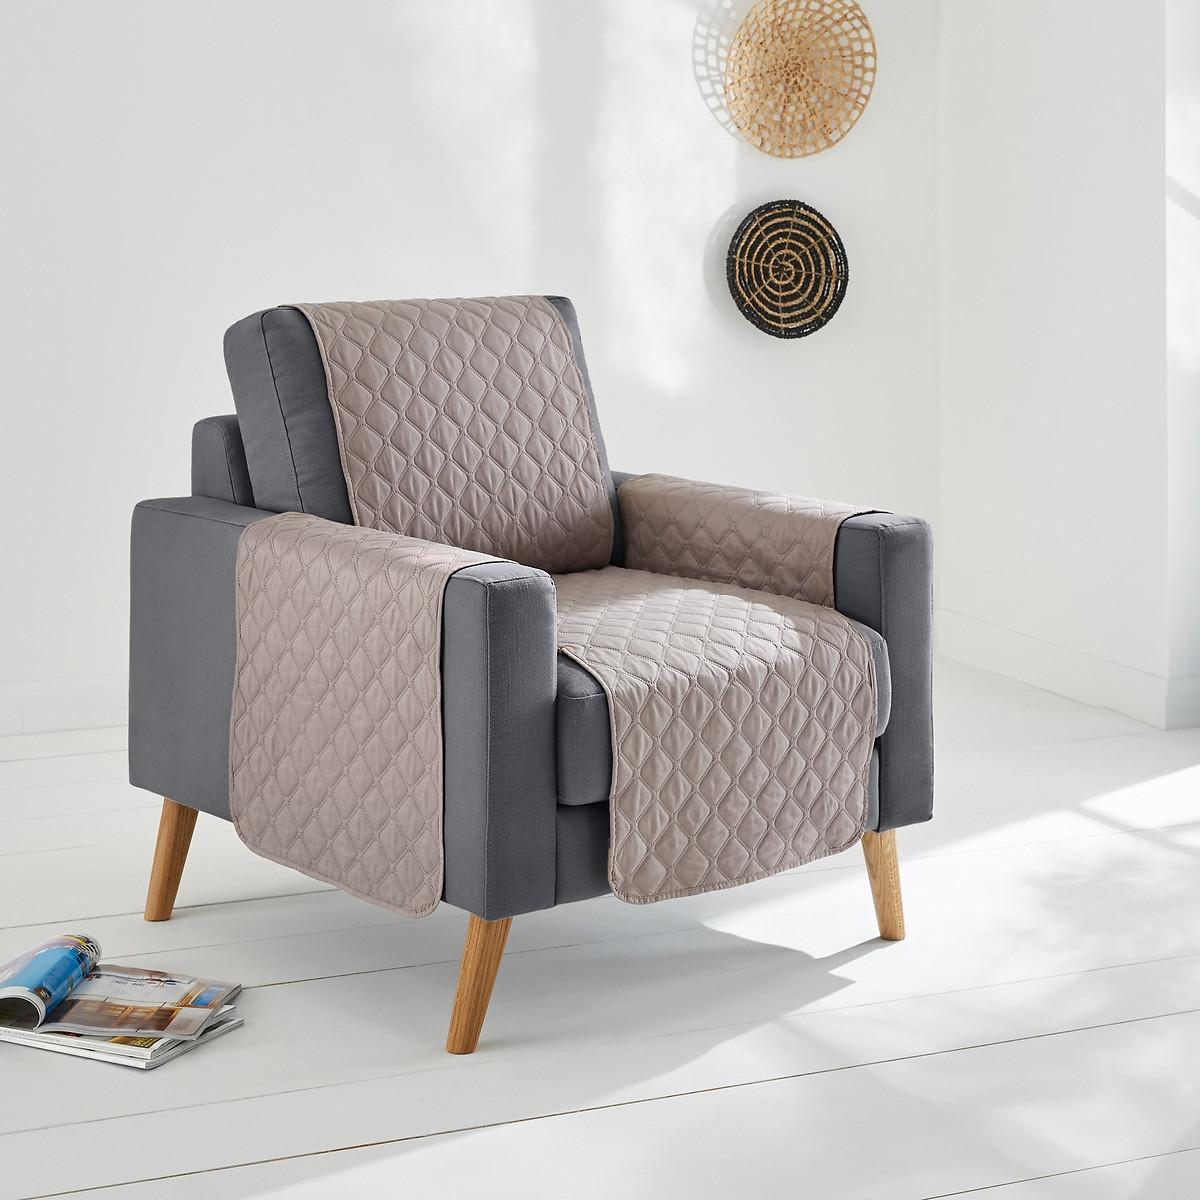 Чехол LaRedoute Защитный для кресла или дивана Oralda 3 местн. каштановый